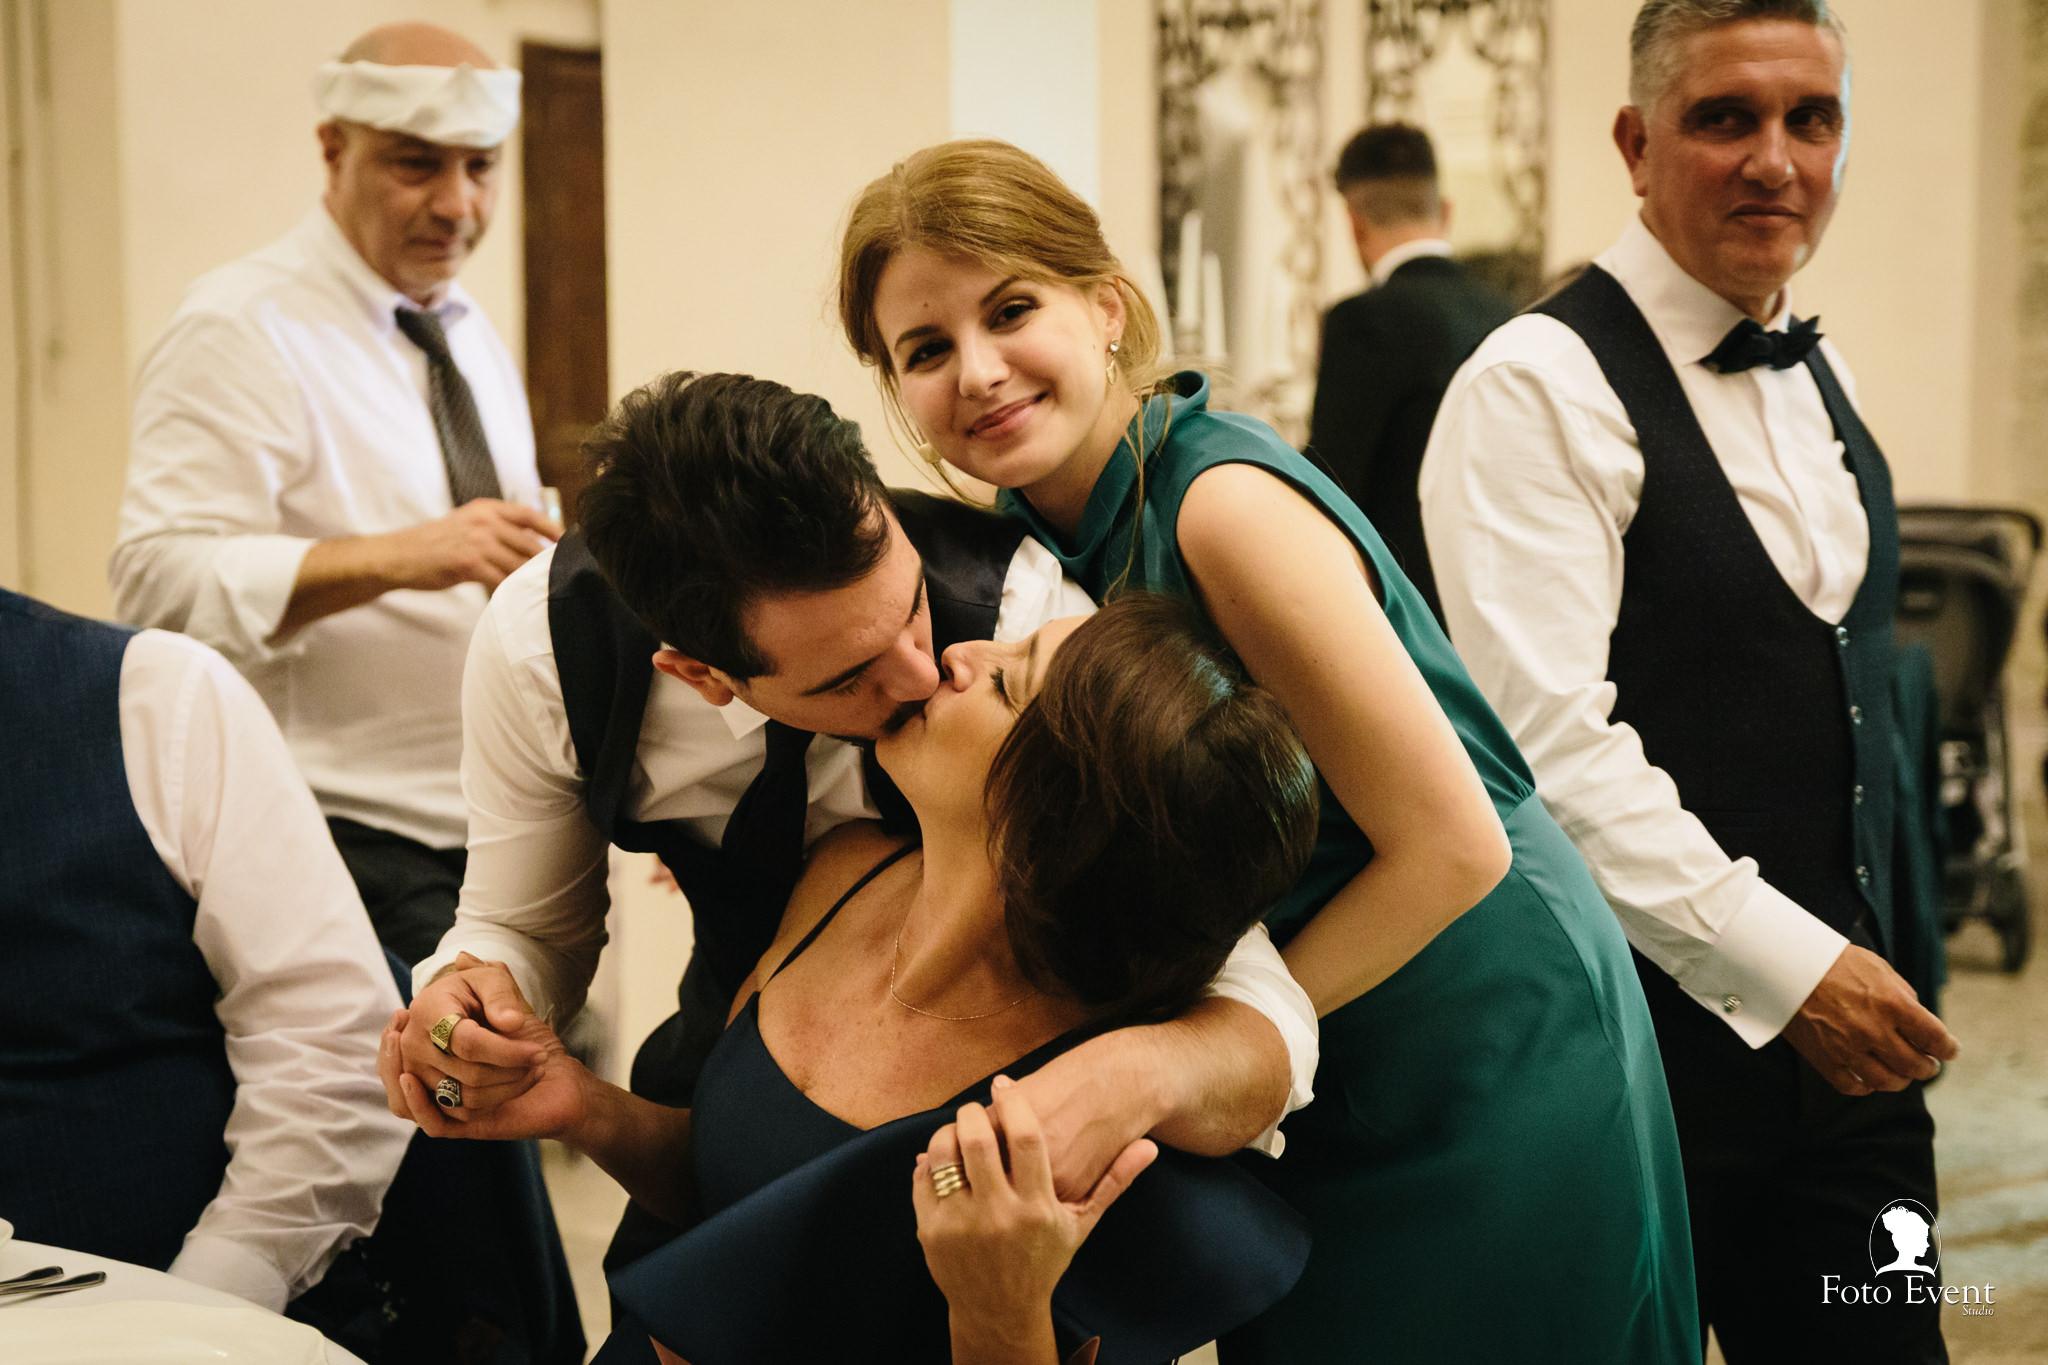 056-2020-10-15-Matrimonio-Noemi-e-Salvatore-Paterno-5DE-2364